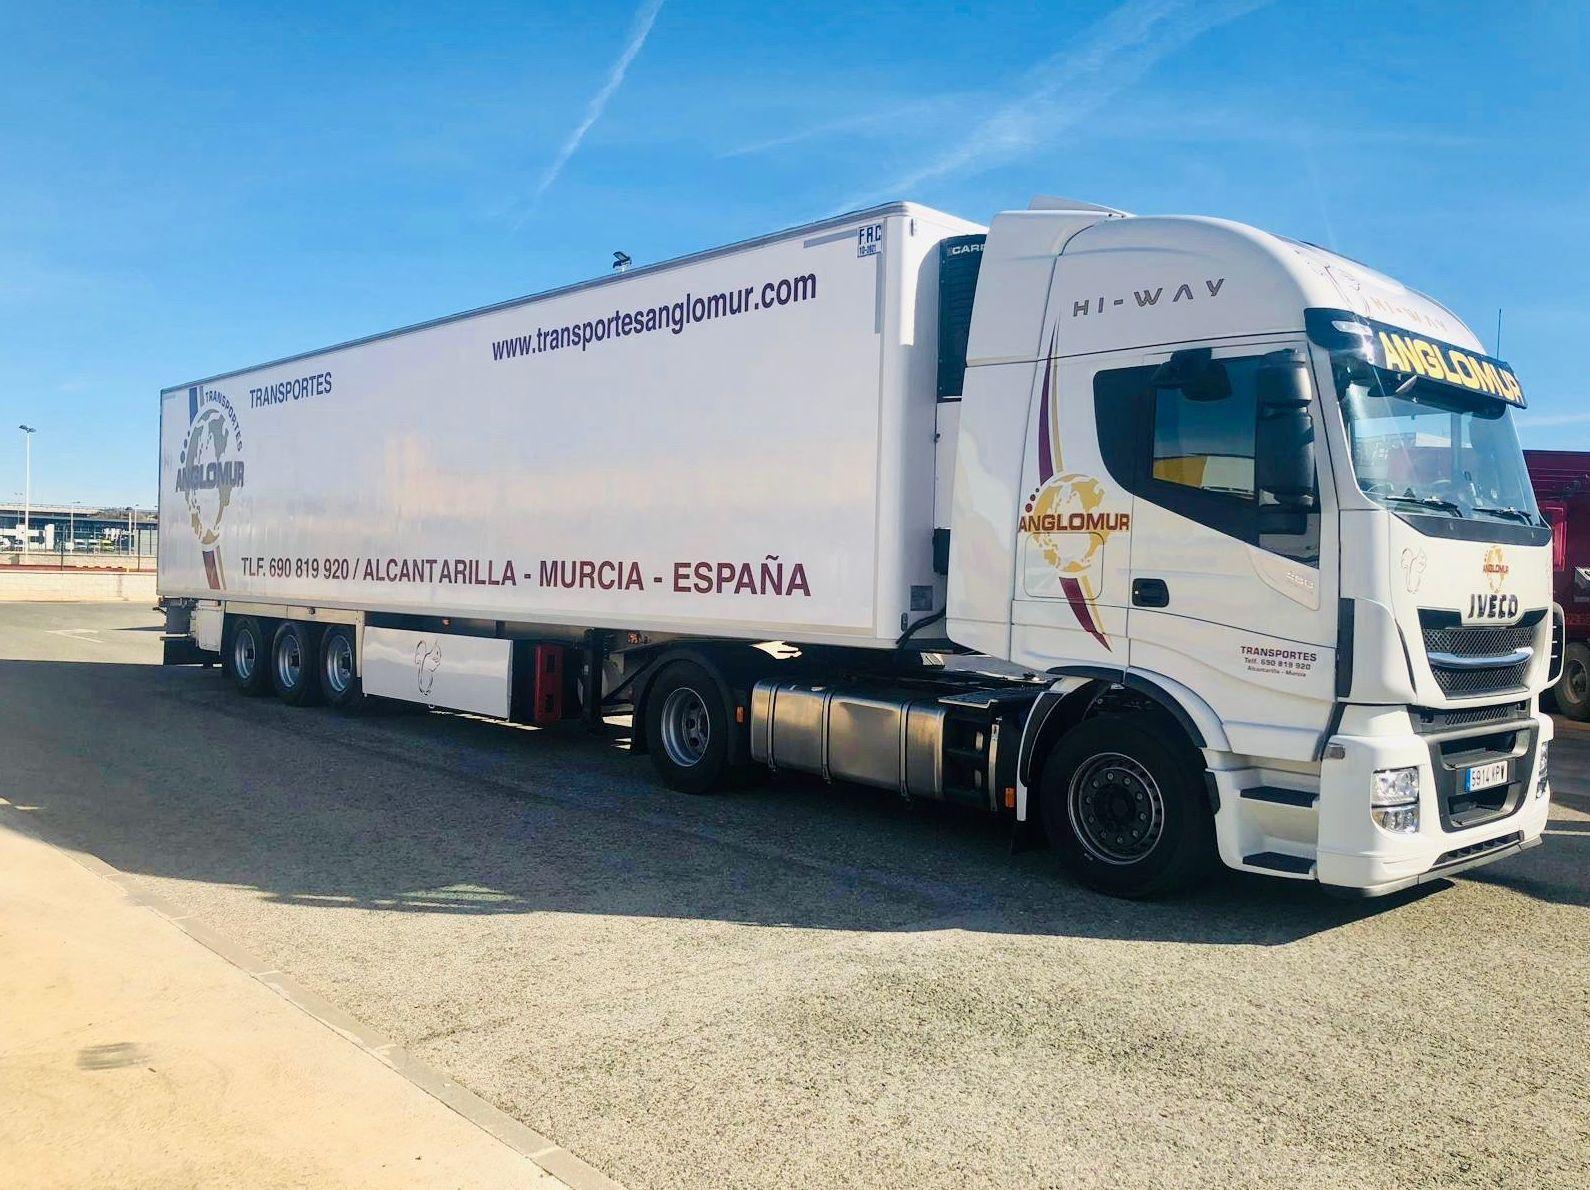 Transporte nacional de mercancías: Transporte de Mercancías de Transportes Anglomur, S.L.